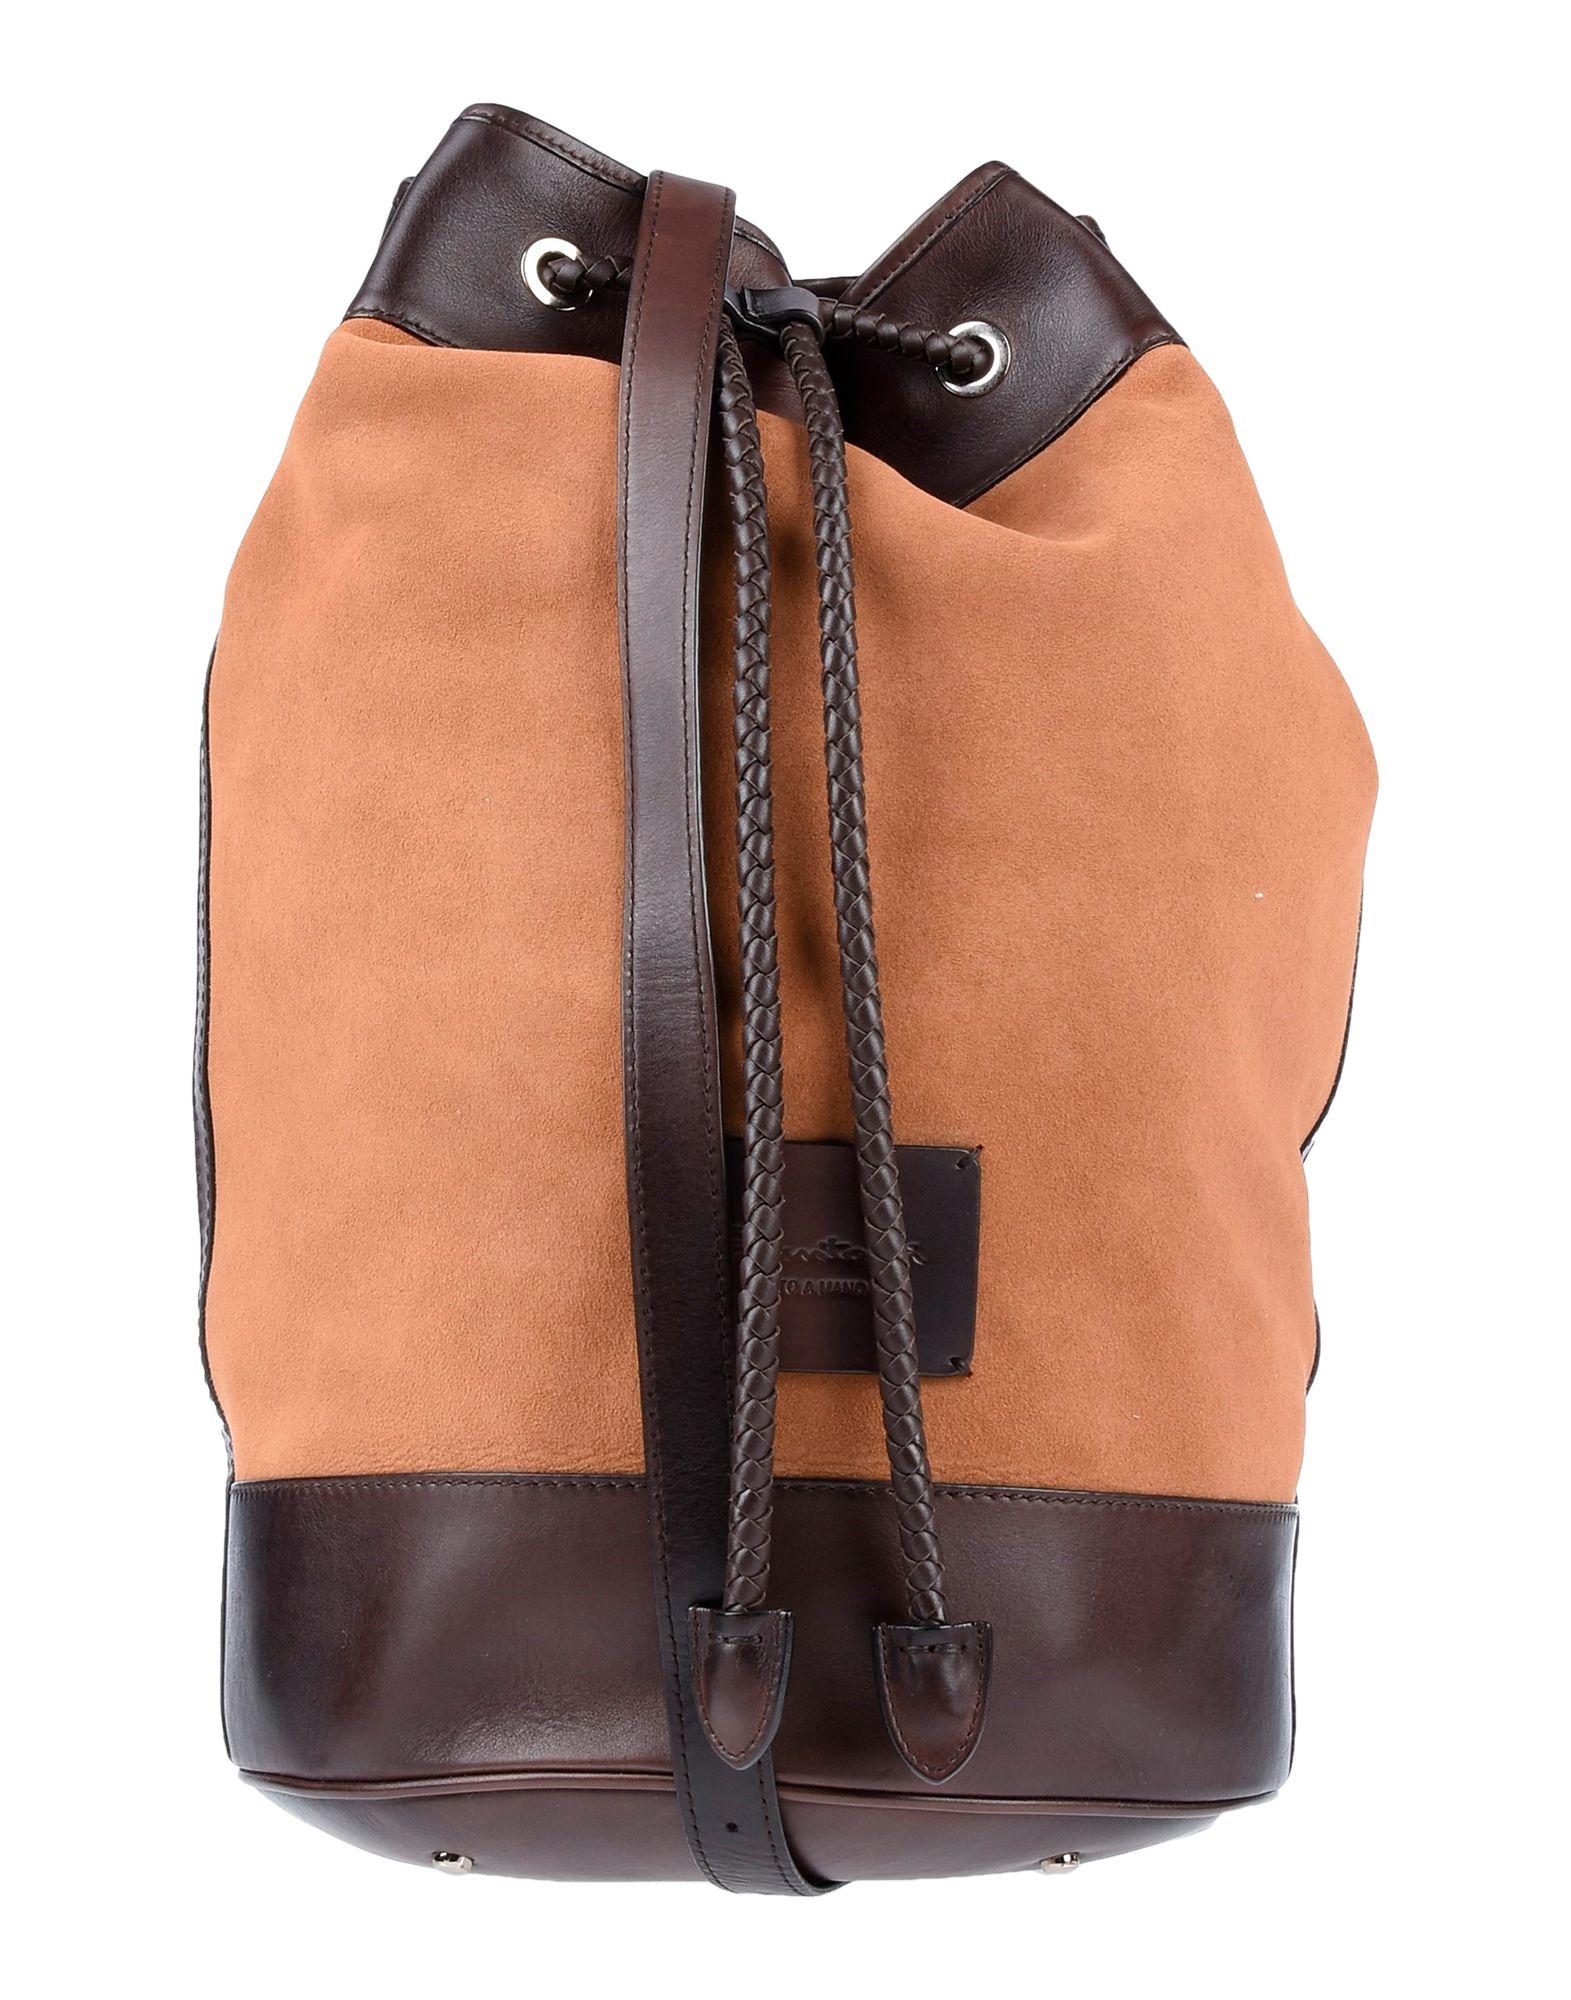 《期間限定セール開催中!》SANTONI メンズ 肩掛けバッグ キャメル 革